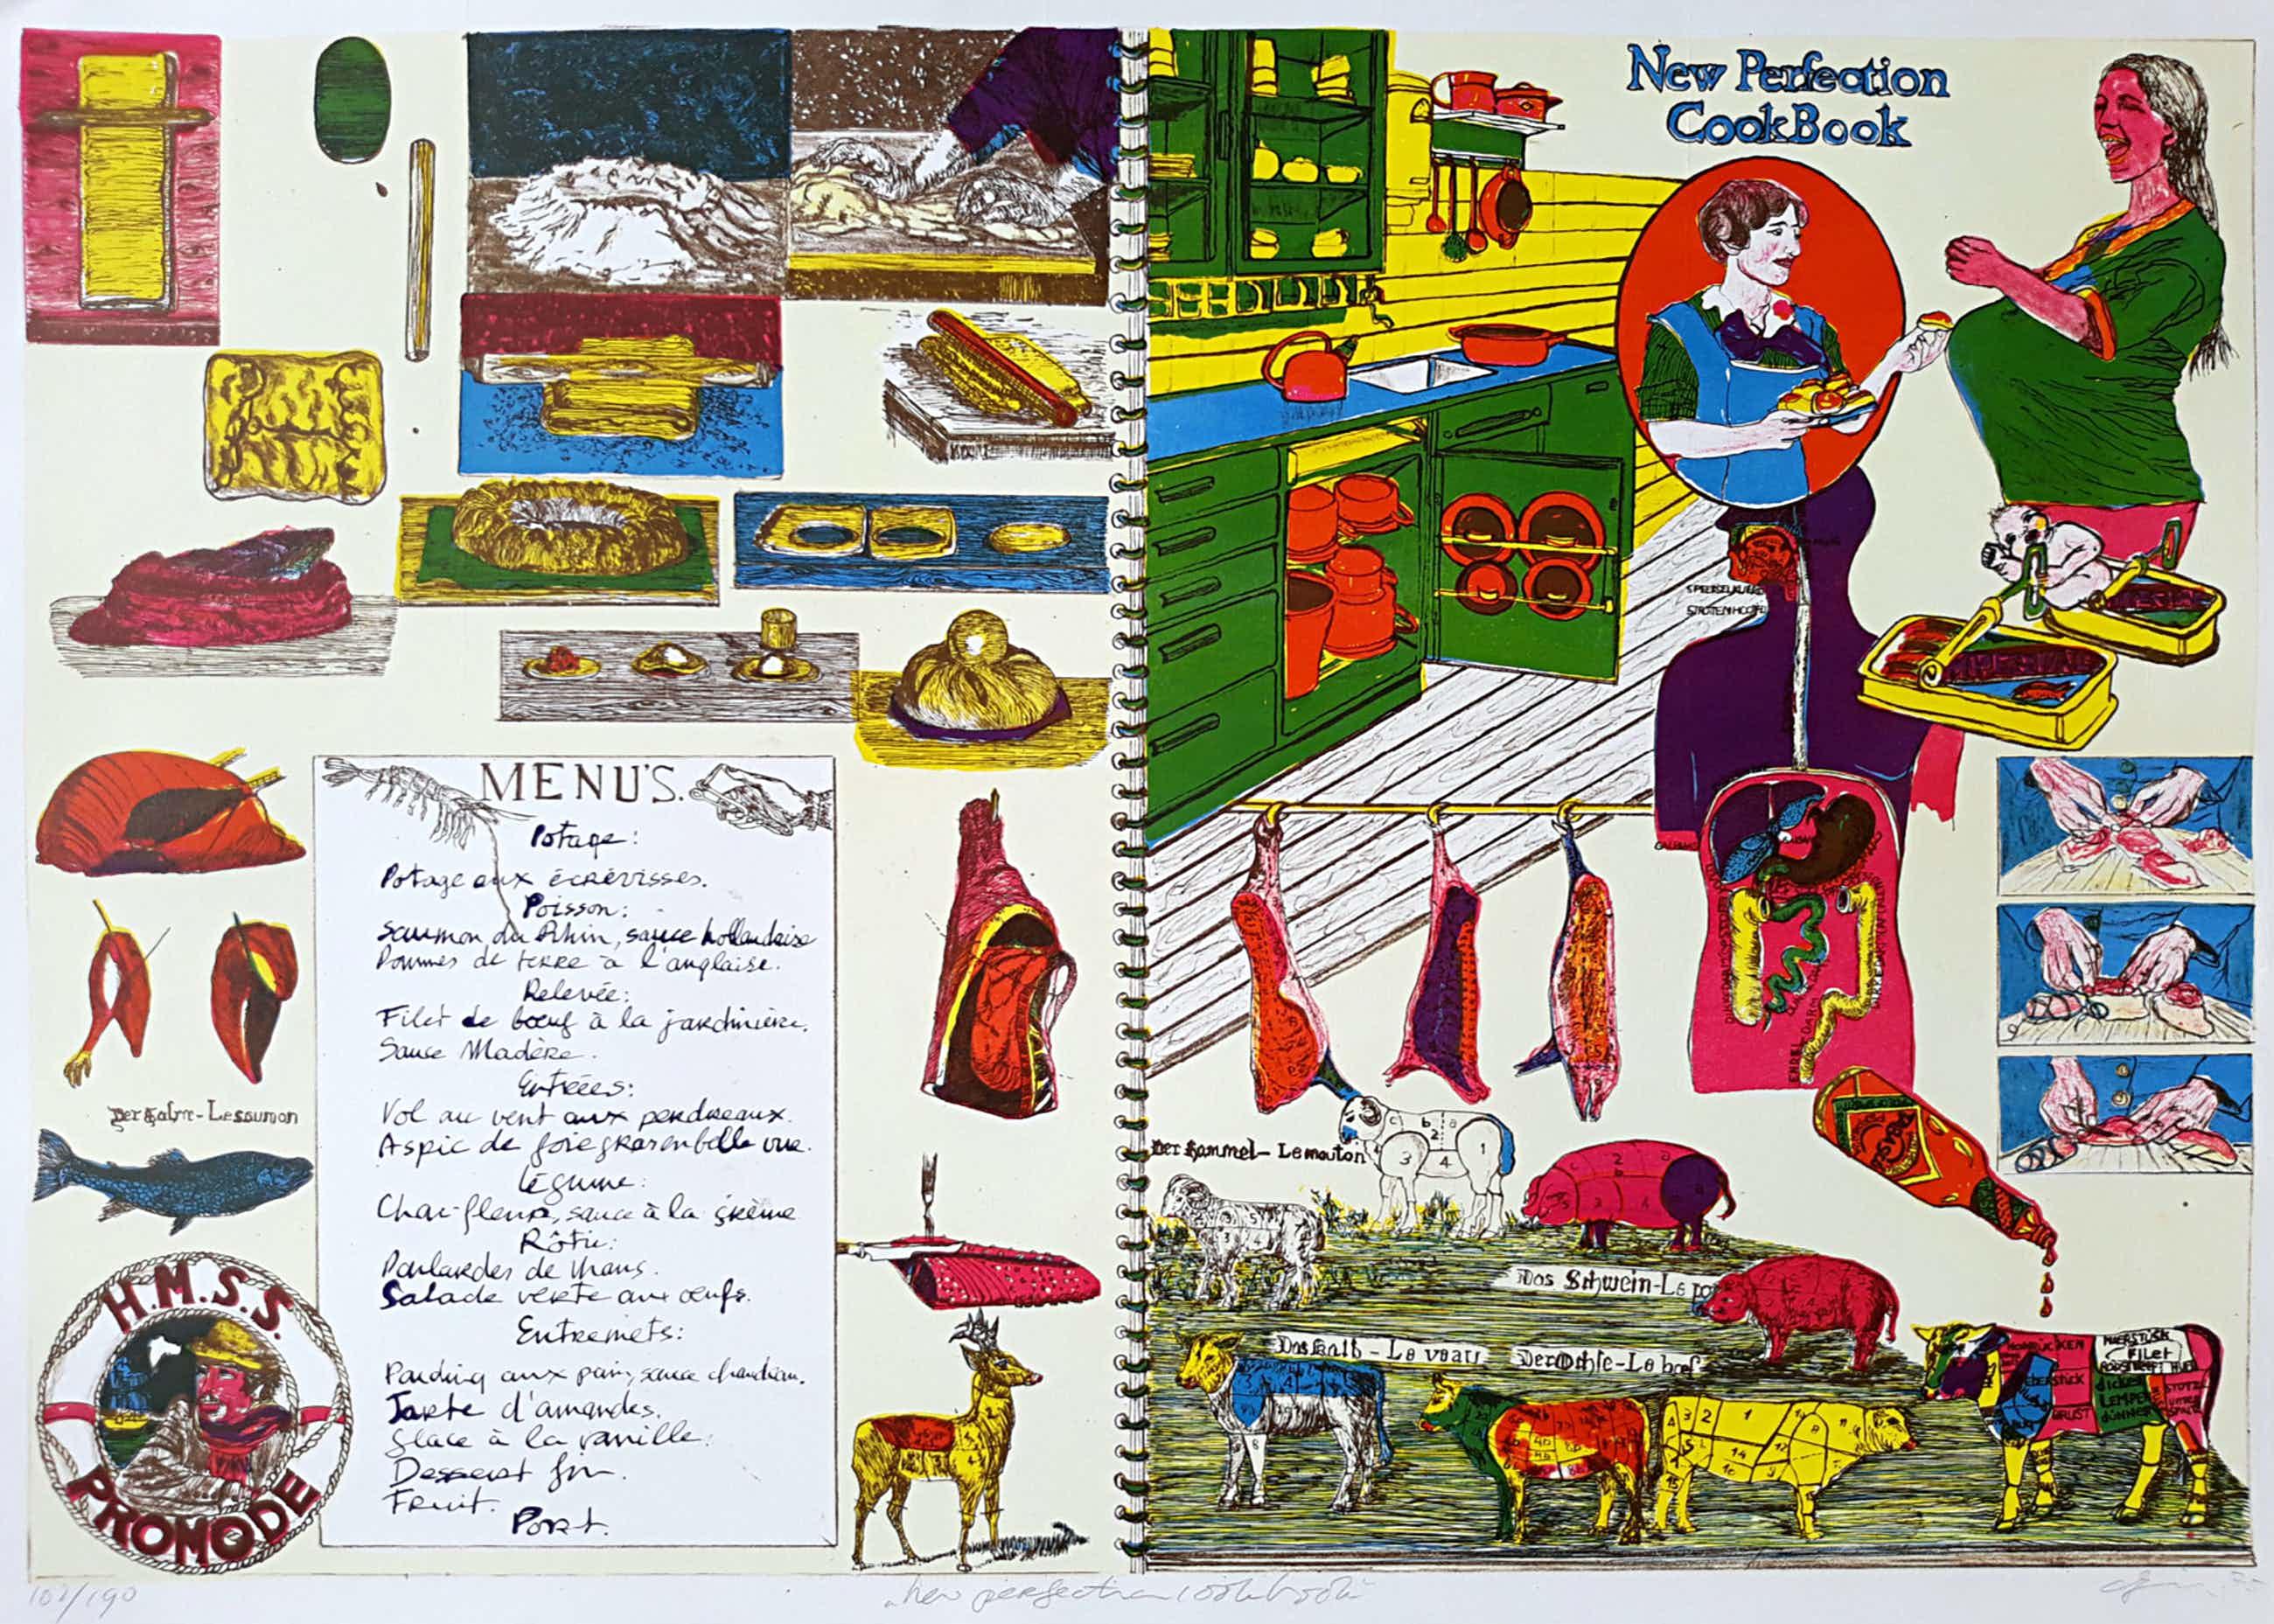 Jacqueline de Jong - New Perfection Cookbook, litho kopen? Bied vanaf 45!